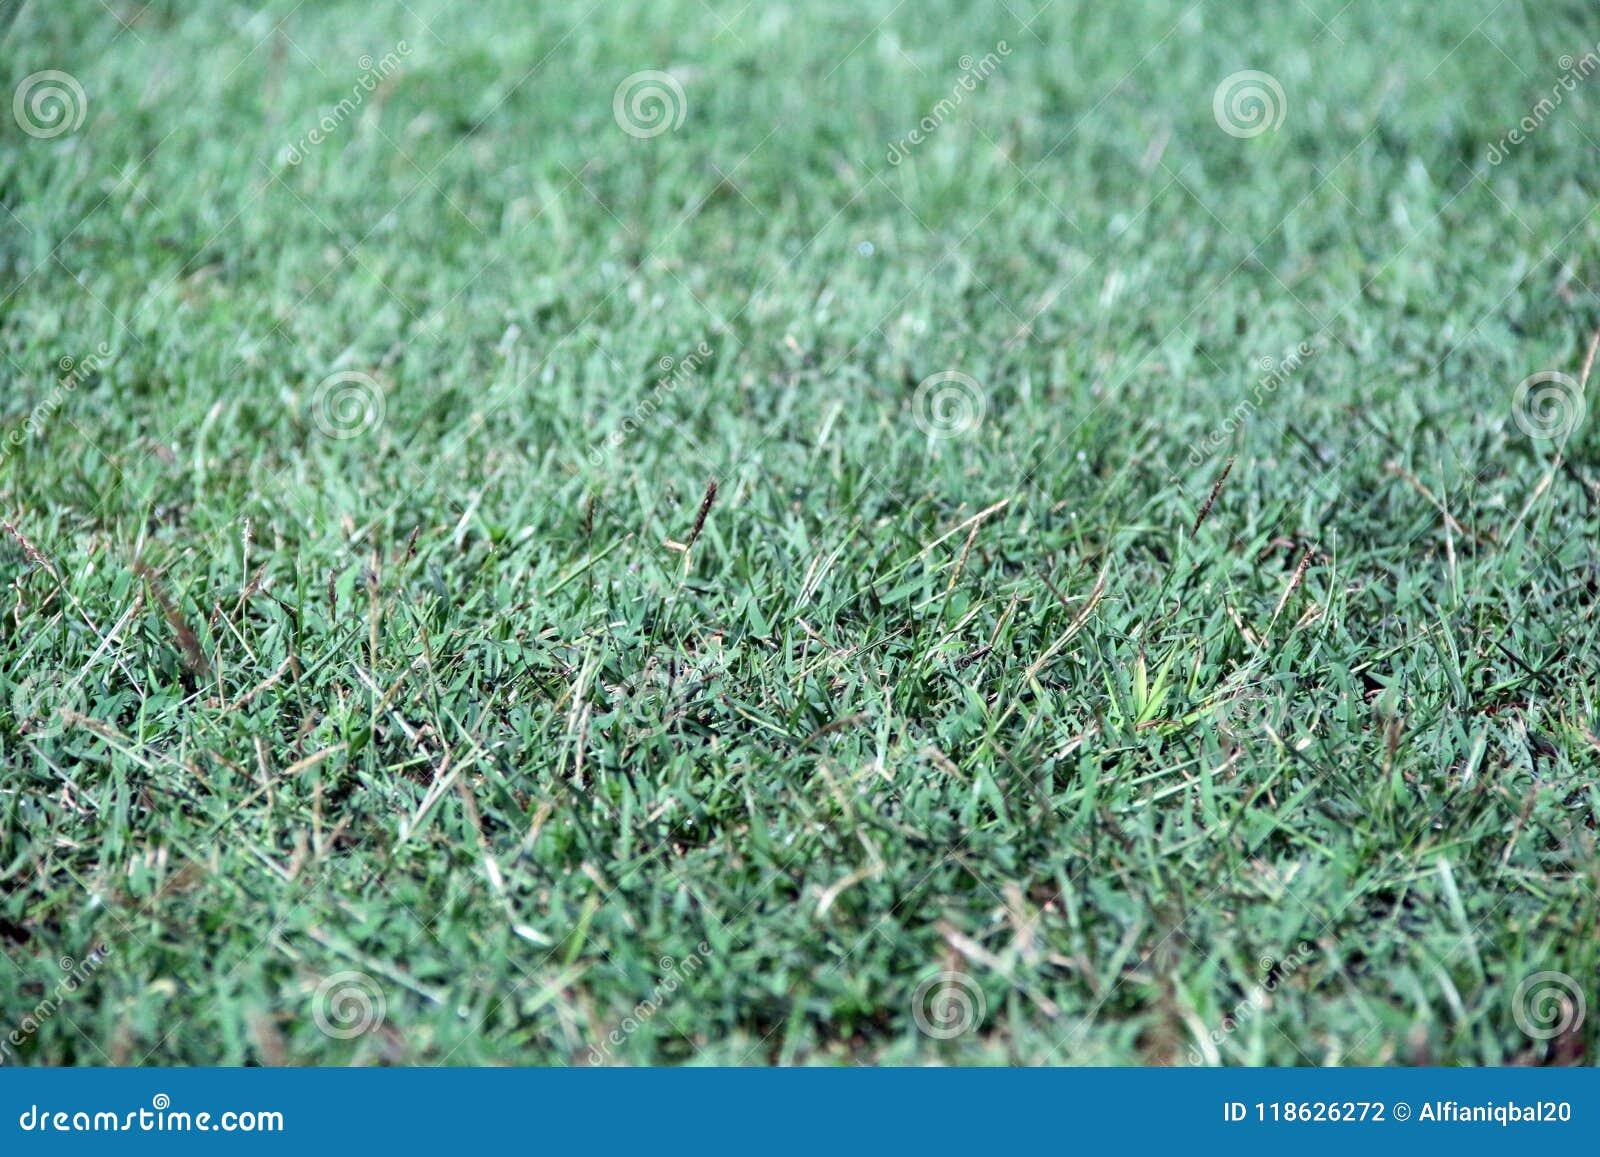 Textura da grama verde Grama artificial verde na terra Campo de grama verde do prado para o futebol